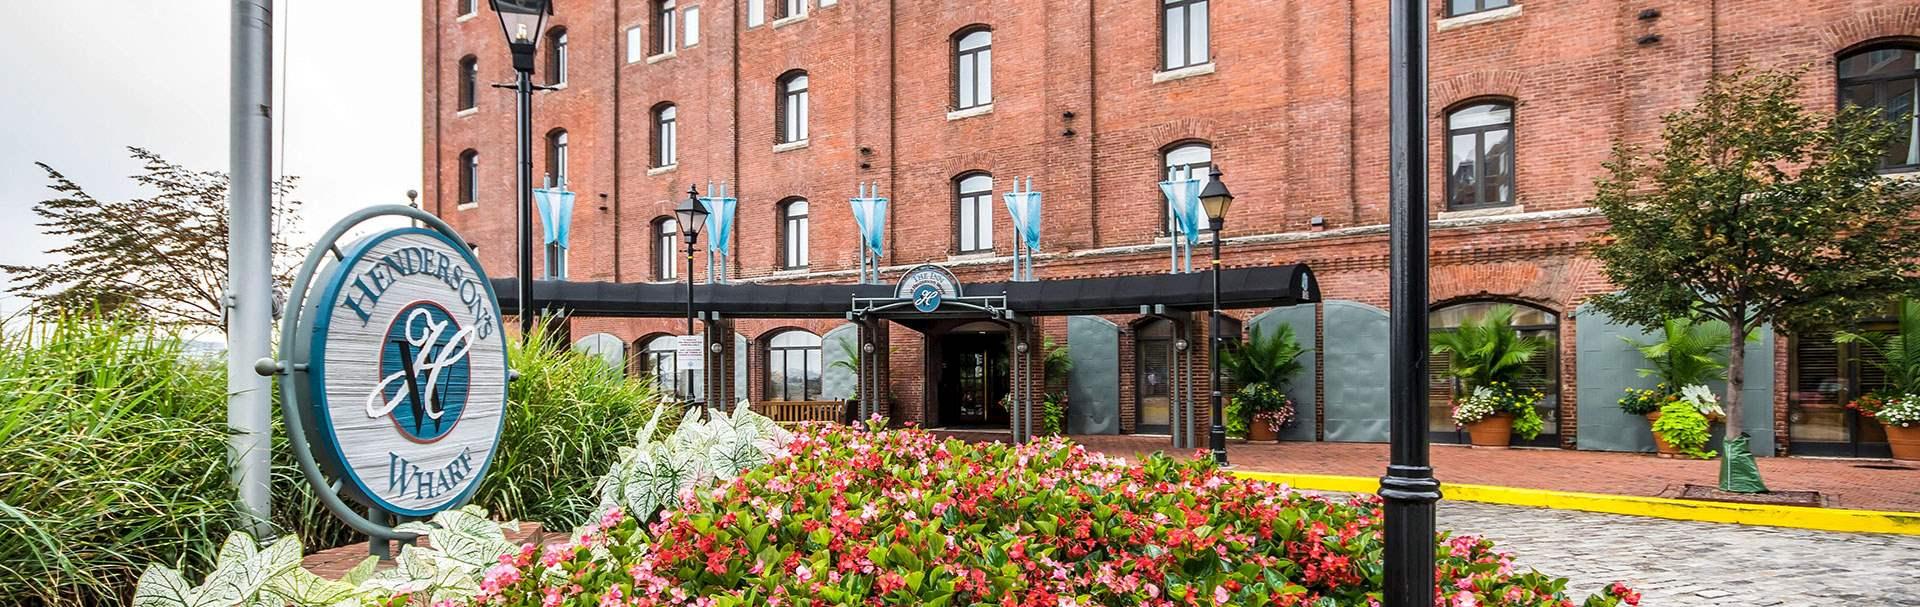 Inn at Henderson's Wharf Fells Point Baltimore